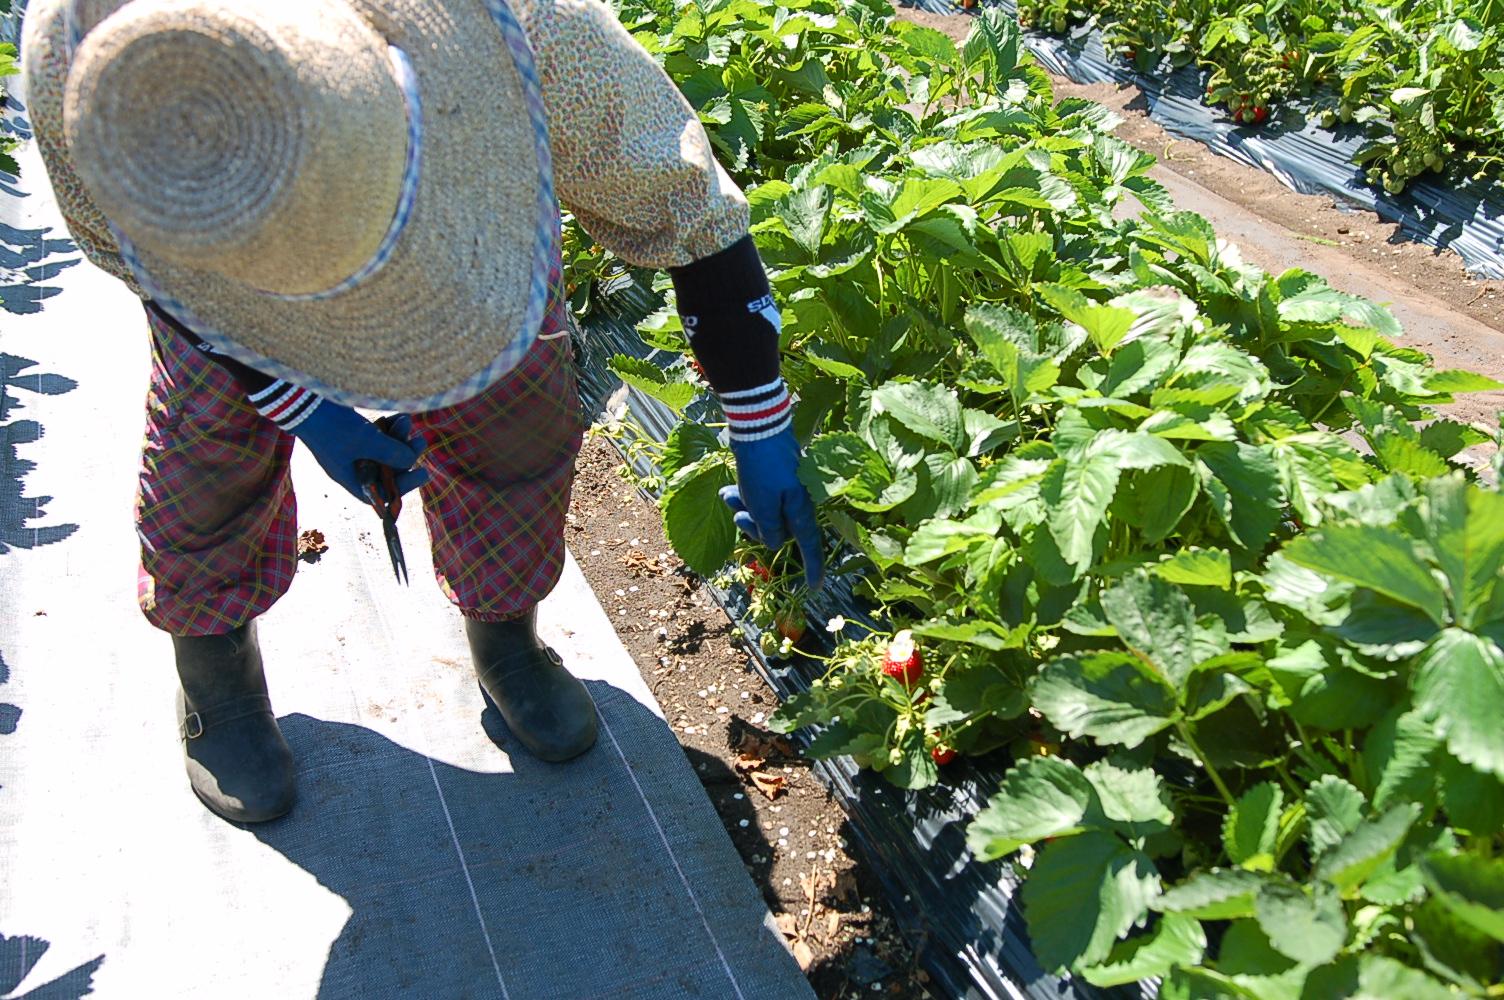 イチゴ狩りがスタート!甘いイチゴを畑で堪能できます